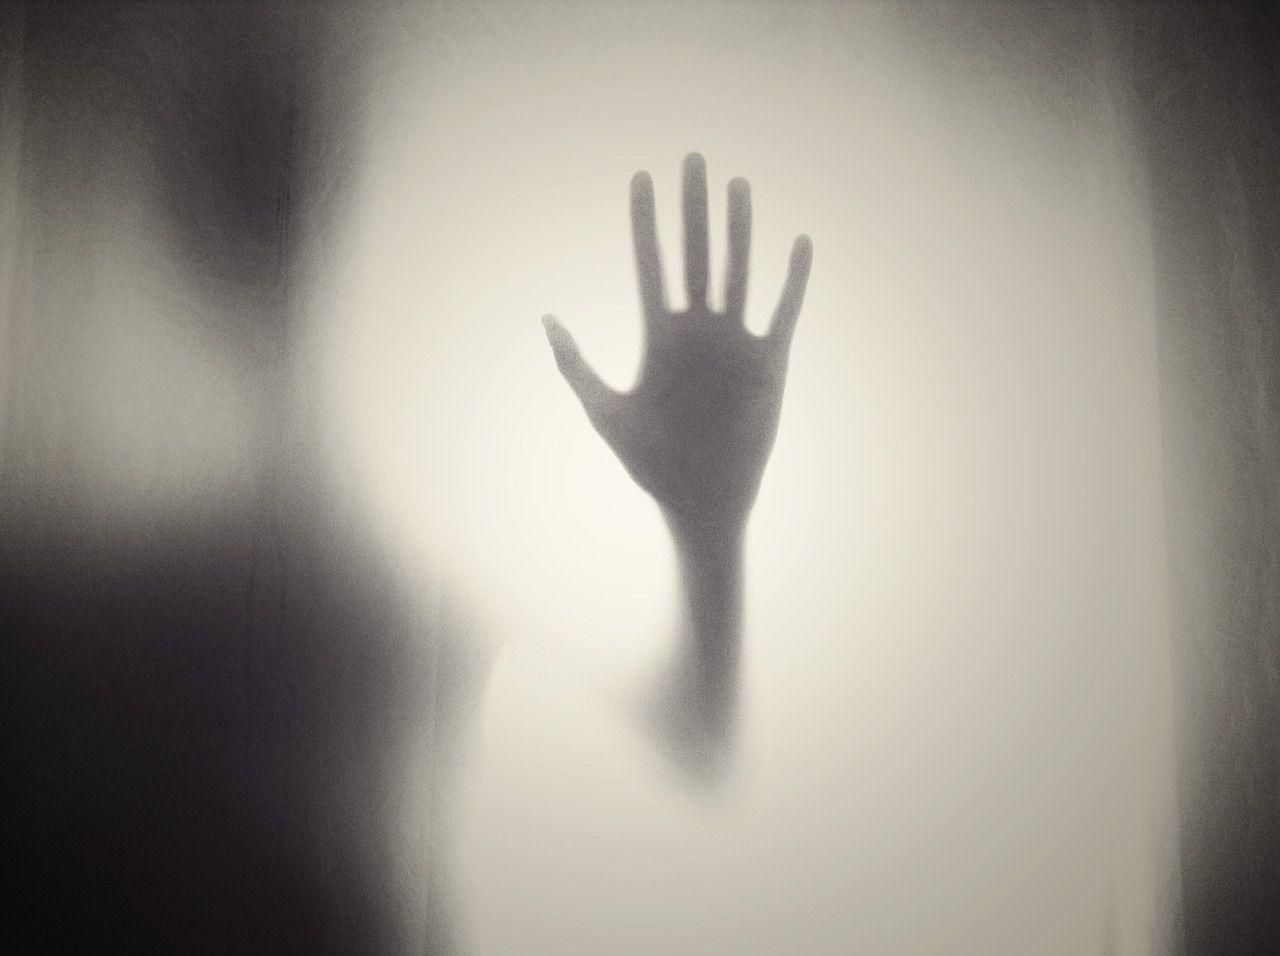 ホラー映画おすすめランキング『幽霊より怖いかもしれない呪い系心霊ホラー映画TOP10』のイメージ画像